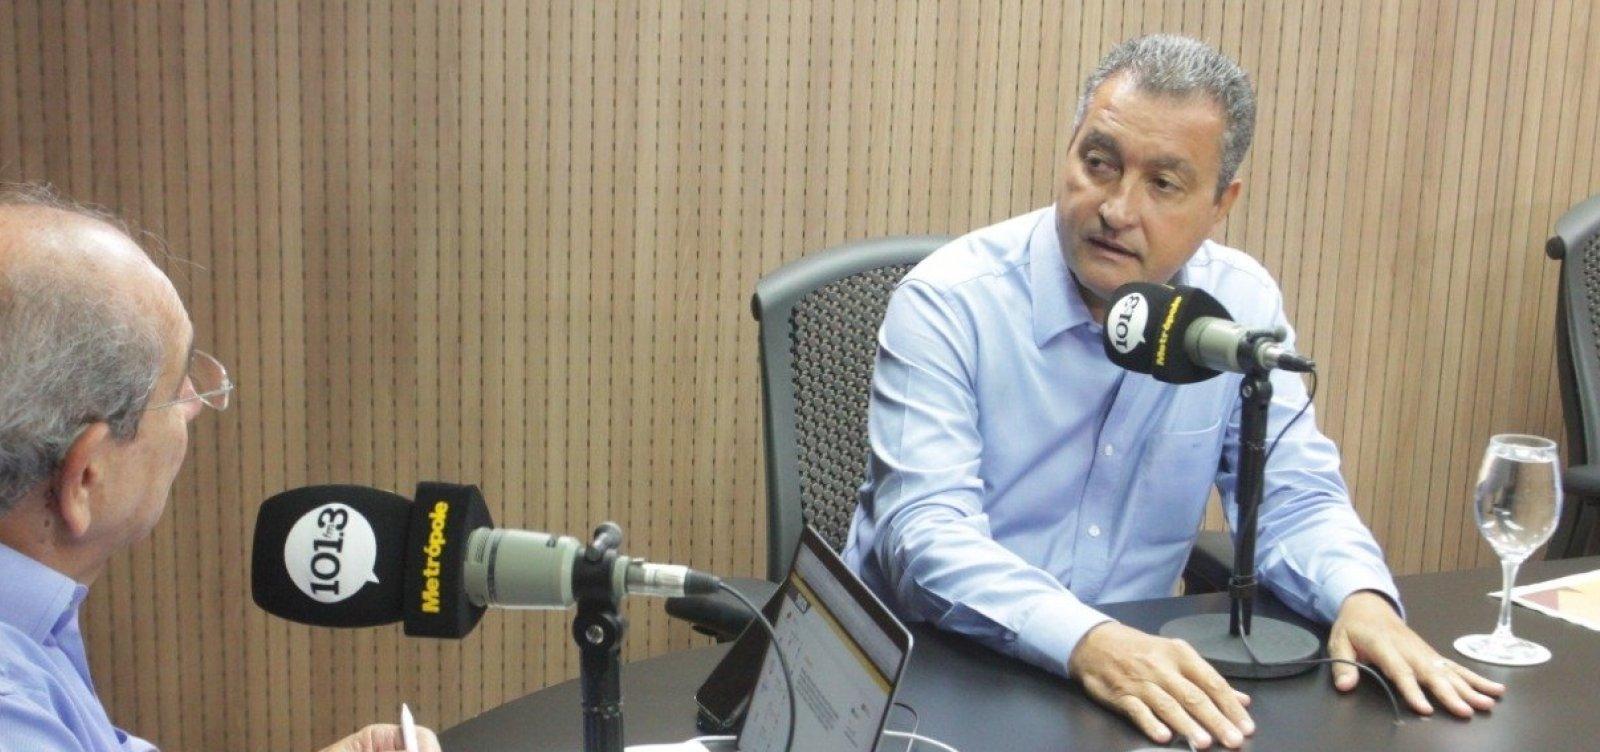 Rui elogia postura de militares no governo Bolsonaro: 'São os mais serenos e cautelosos'